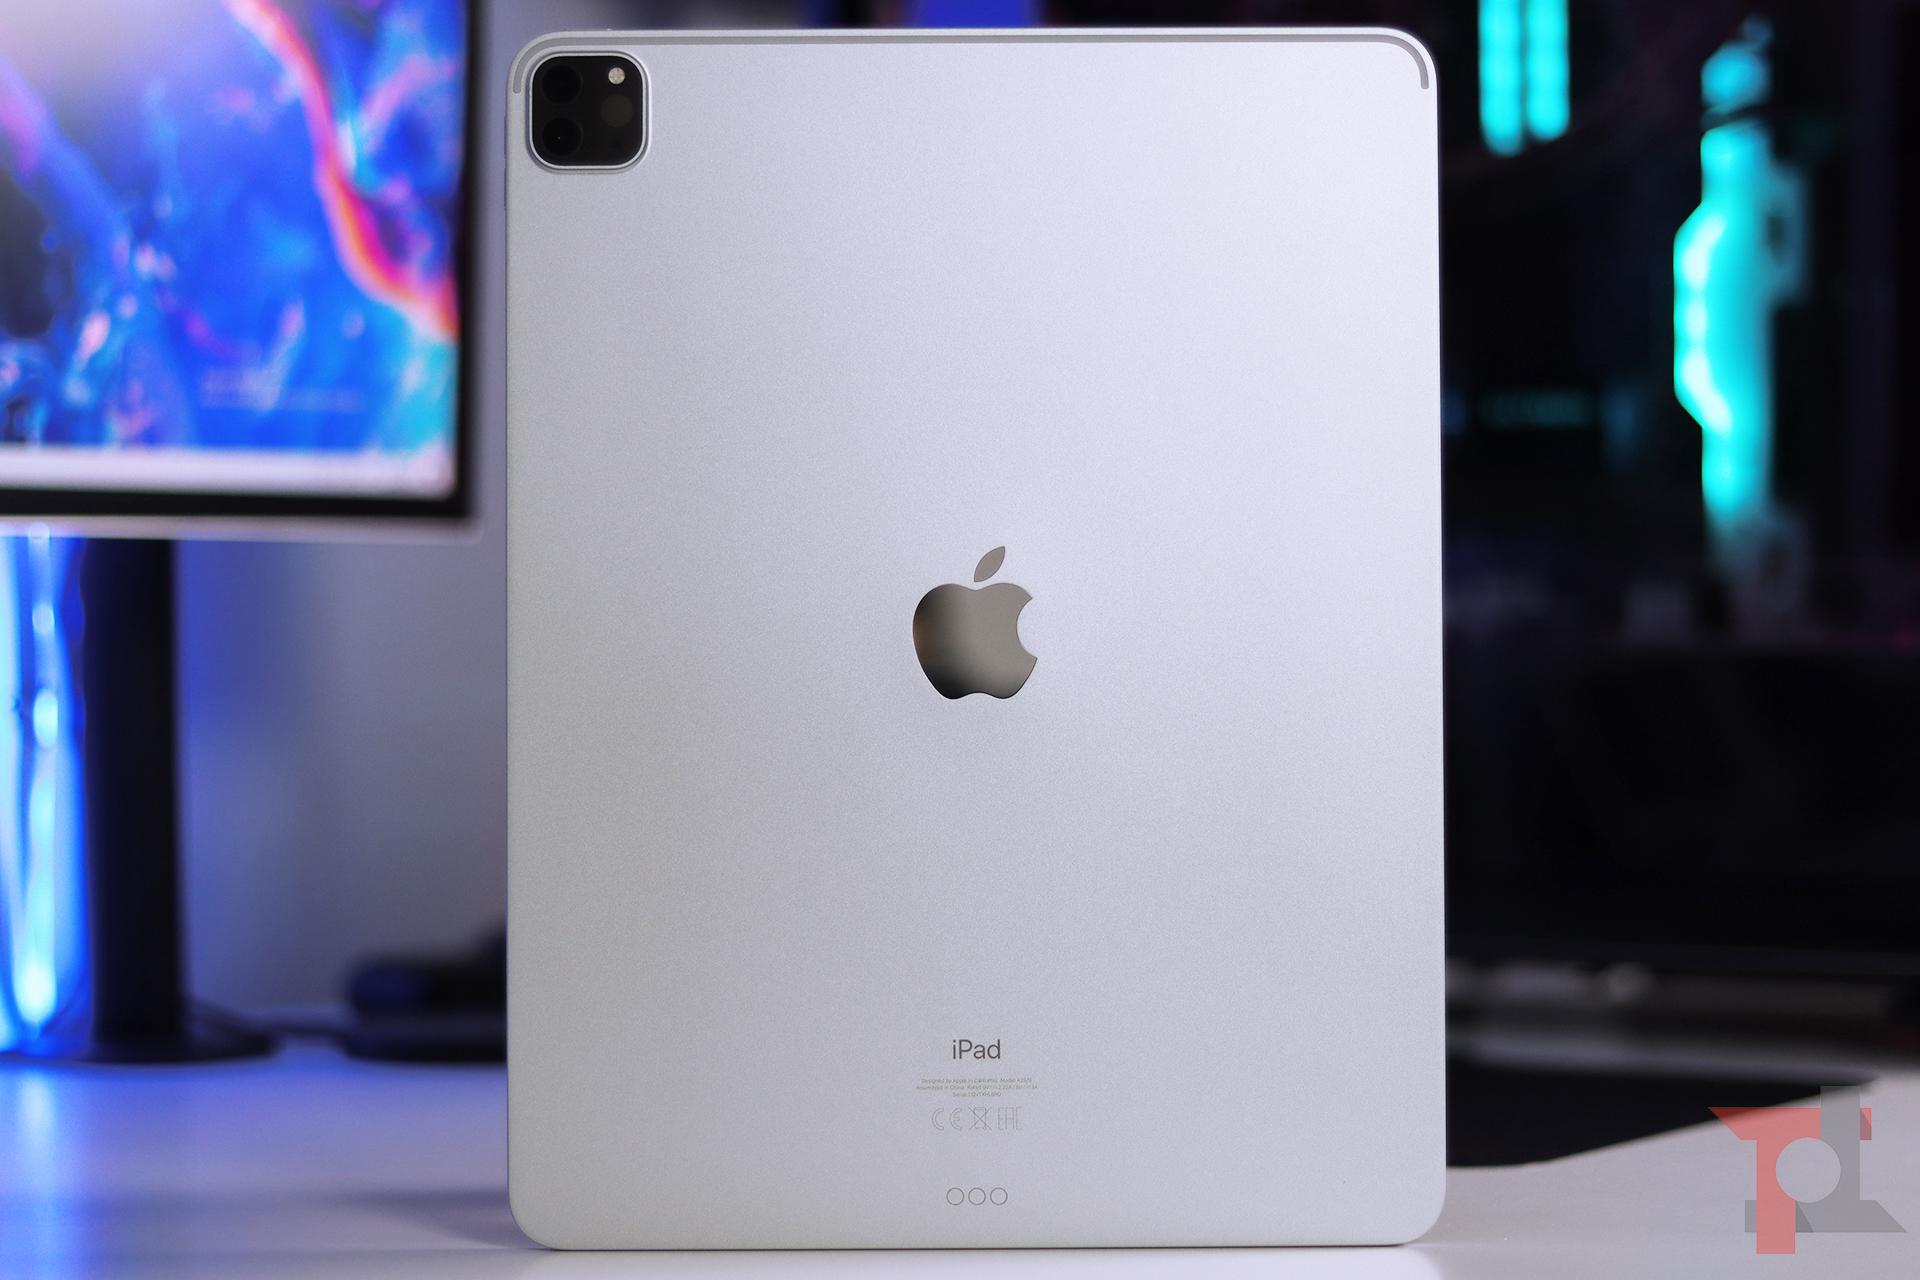 iPad Pro M1 design